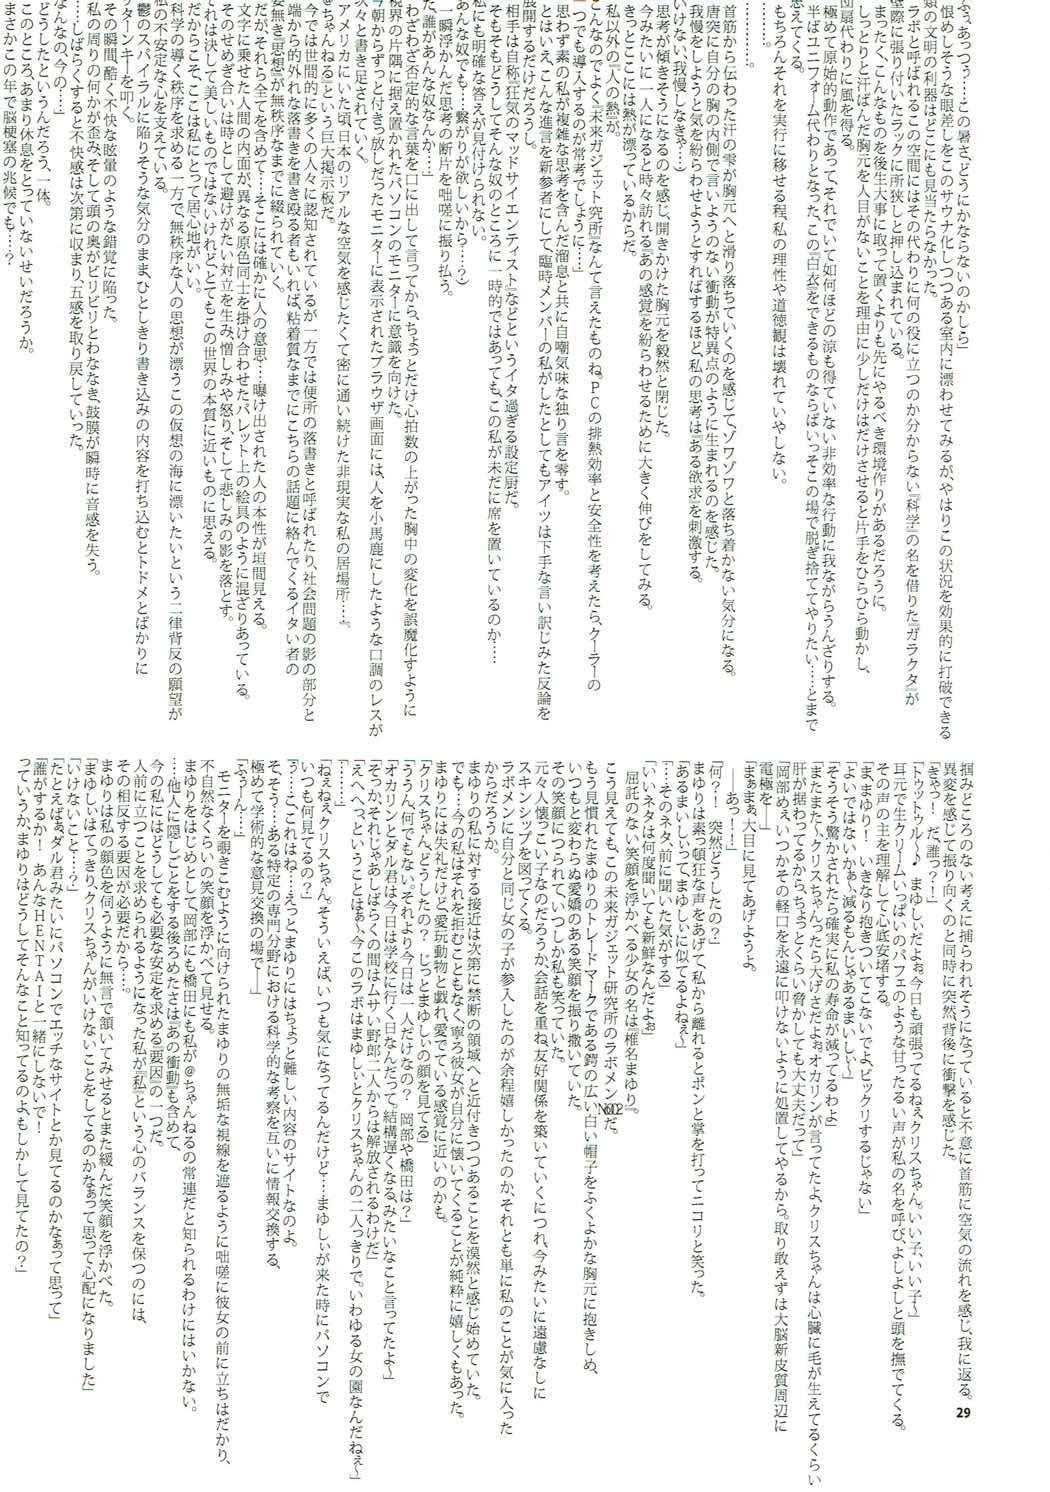 Ore no Joshu no Dere ga Uchouten de Todomaru Koto o Shiranai 27